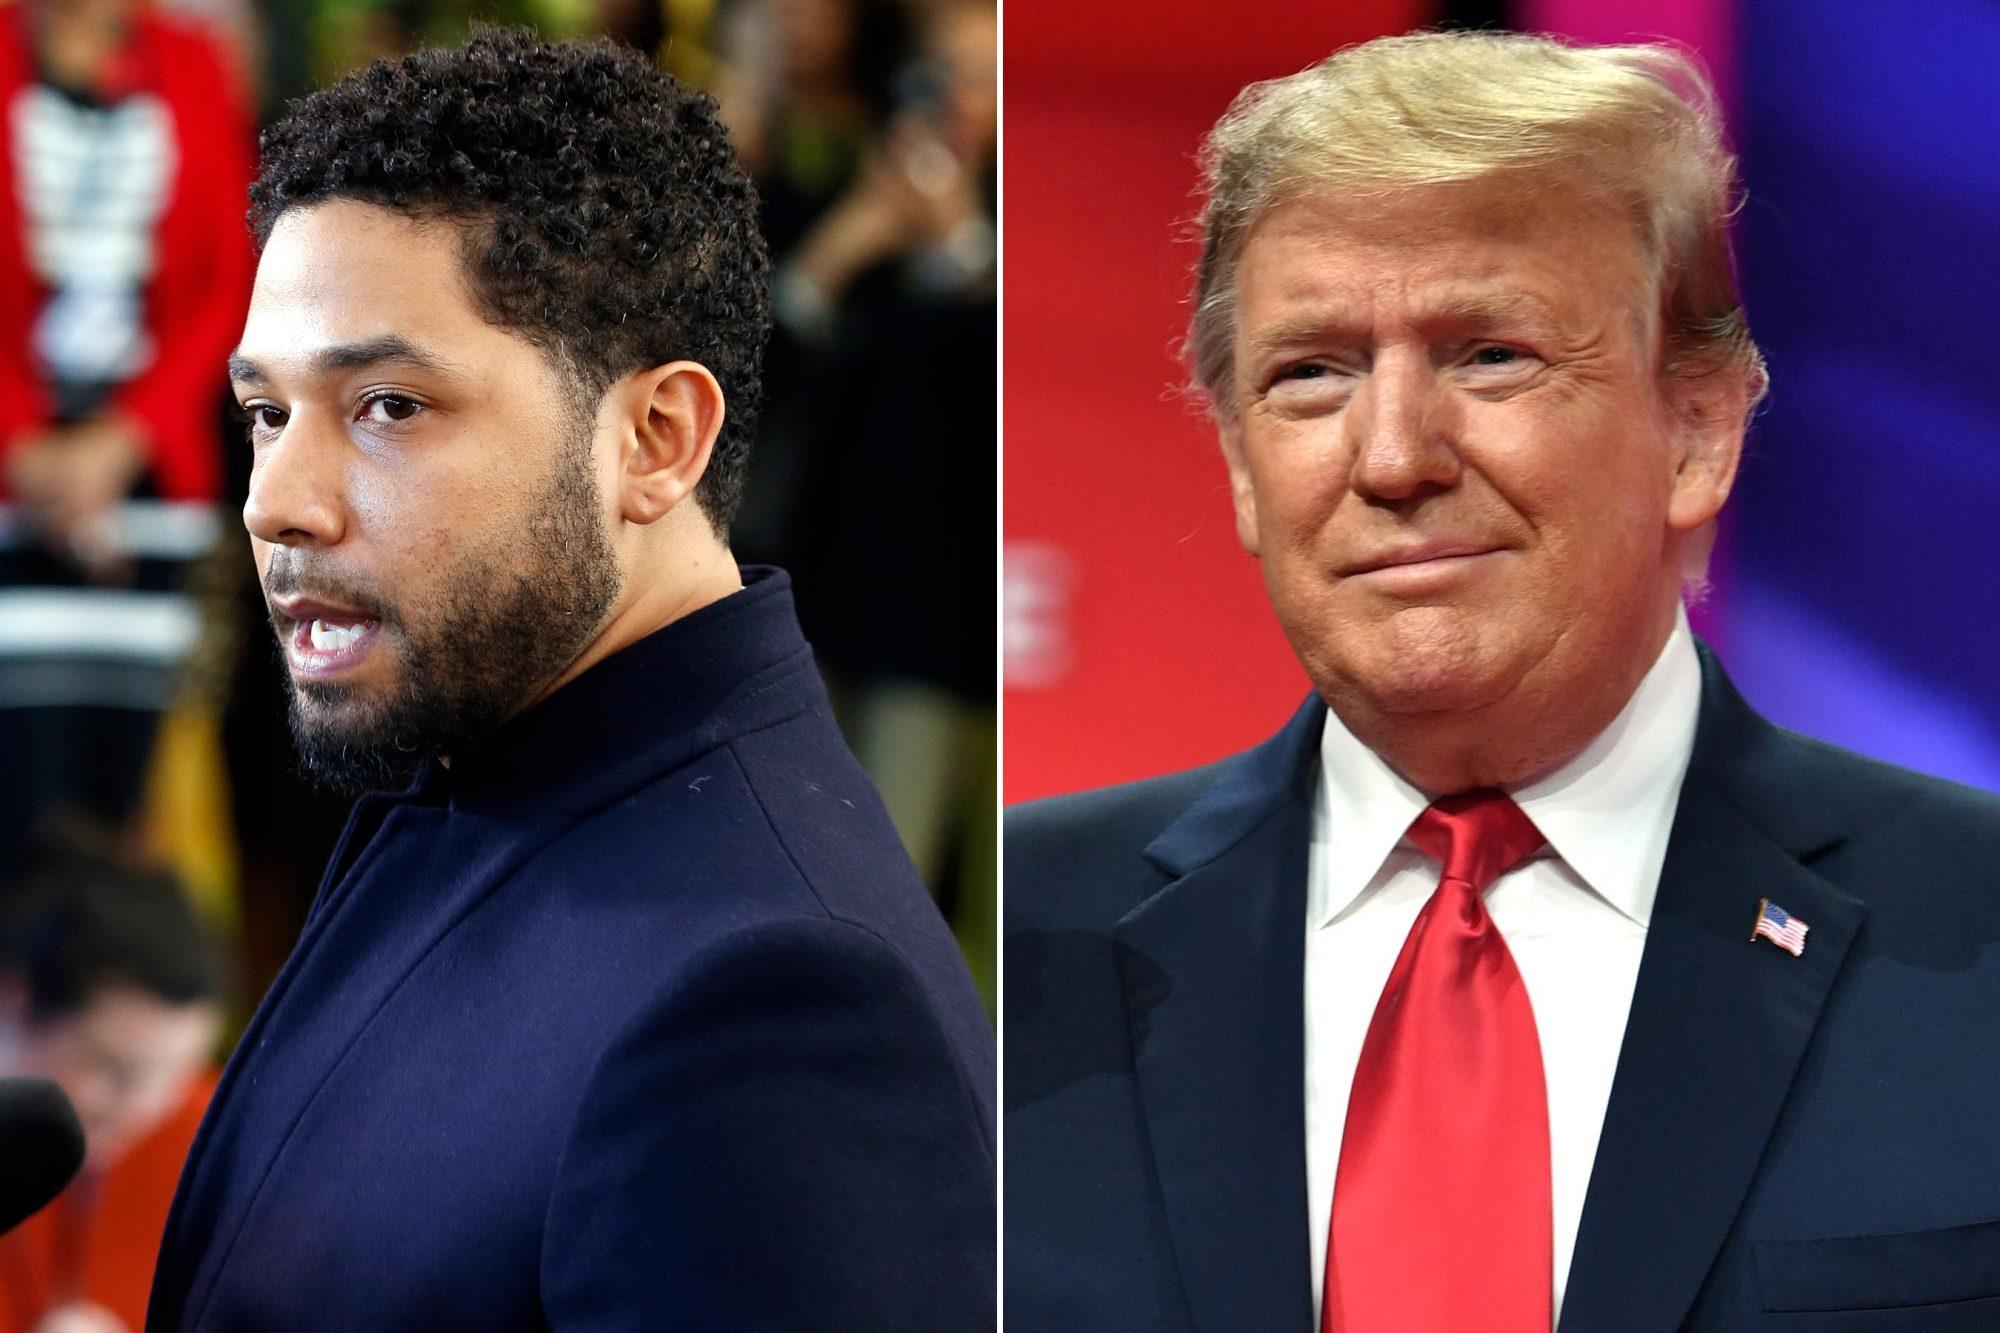 Jussie-Smollett-Donald-Trump